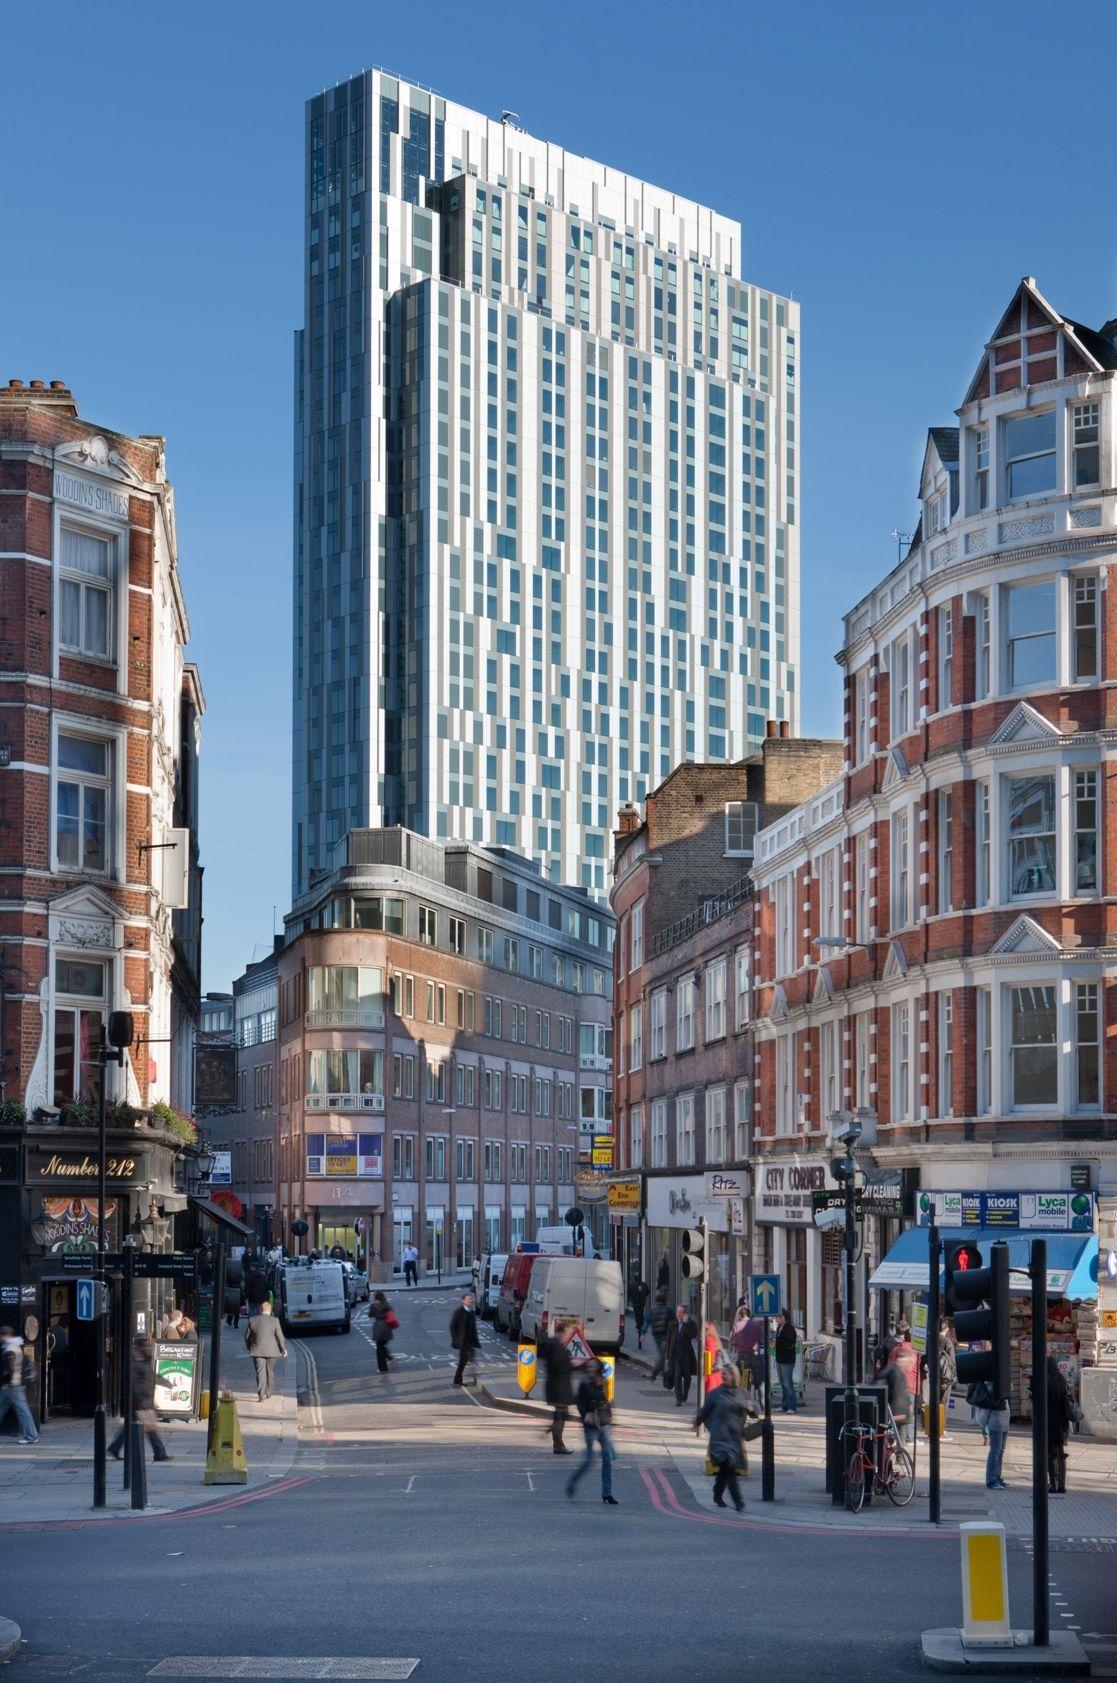 Spitalfields London: Nido Spitafields, London: Nido Spitalfields Is Spread